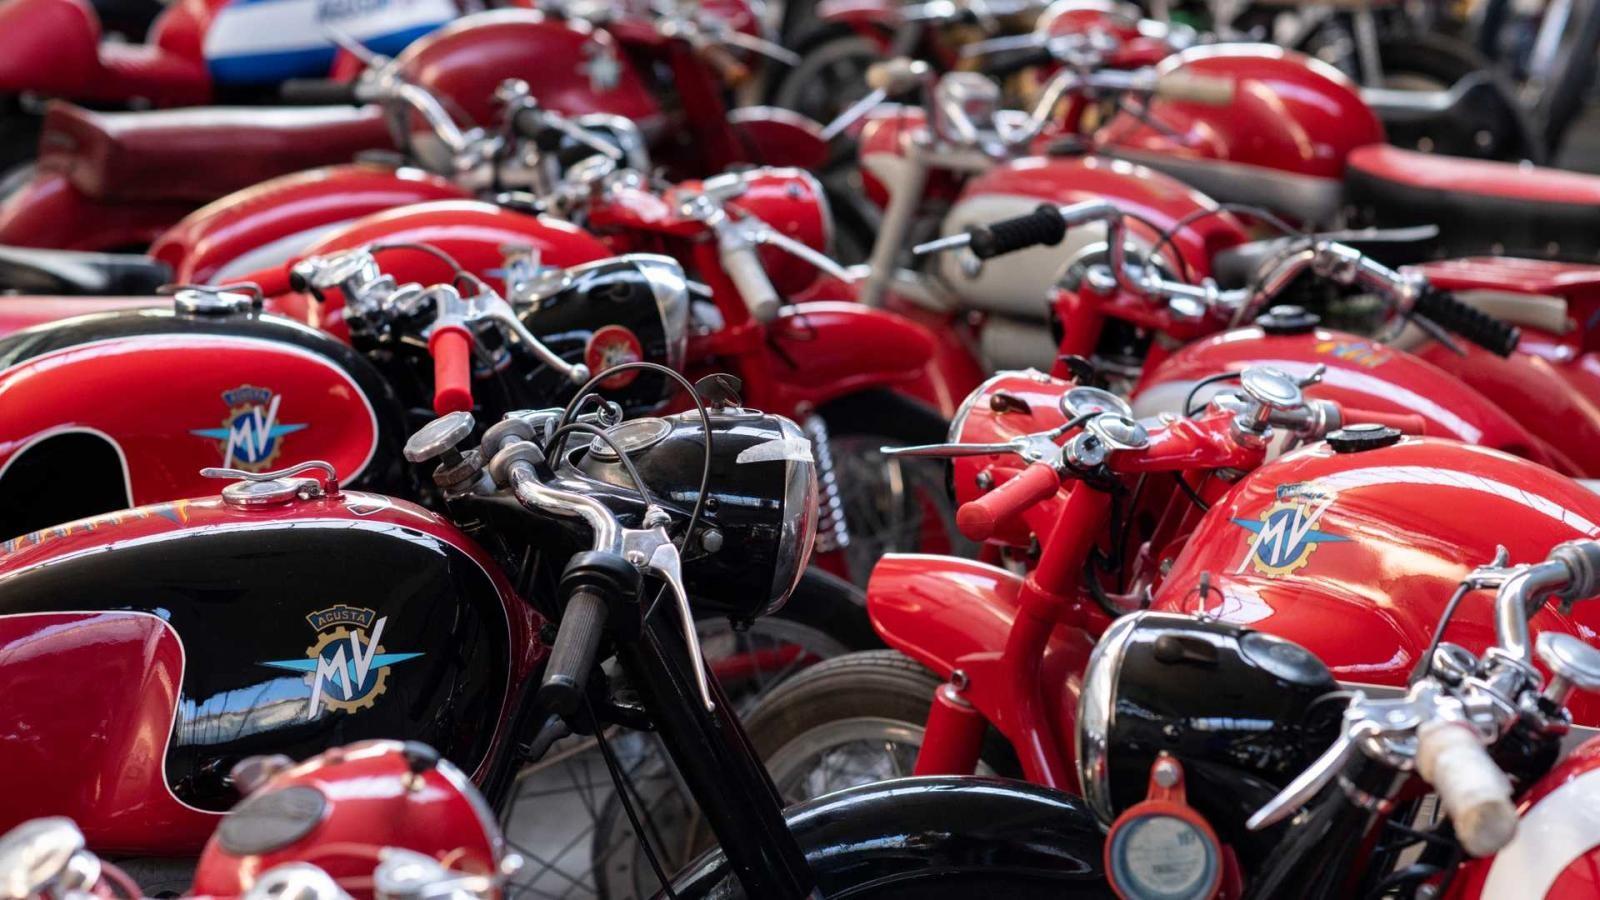 Bộ sưu tập có số lượng lên đến 90 xe, bao gồm rất đầy đủ các dòng xe mà MV Agusta đã và đang sản xuất